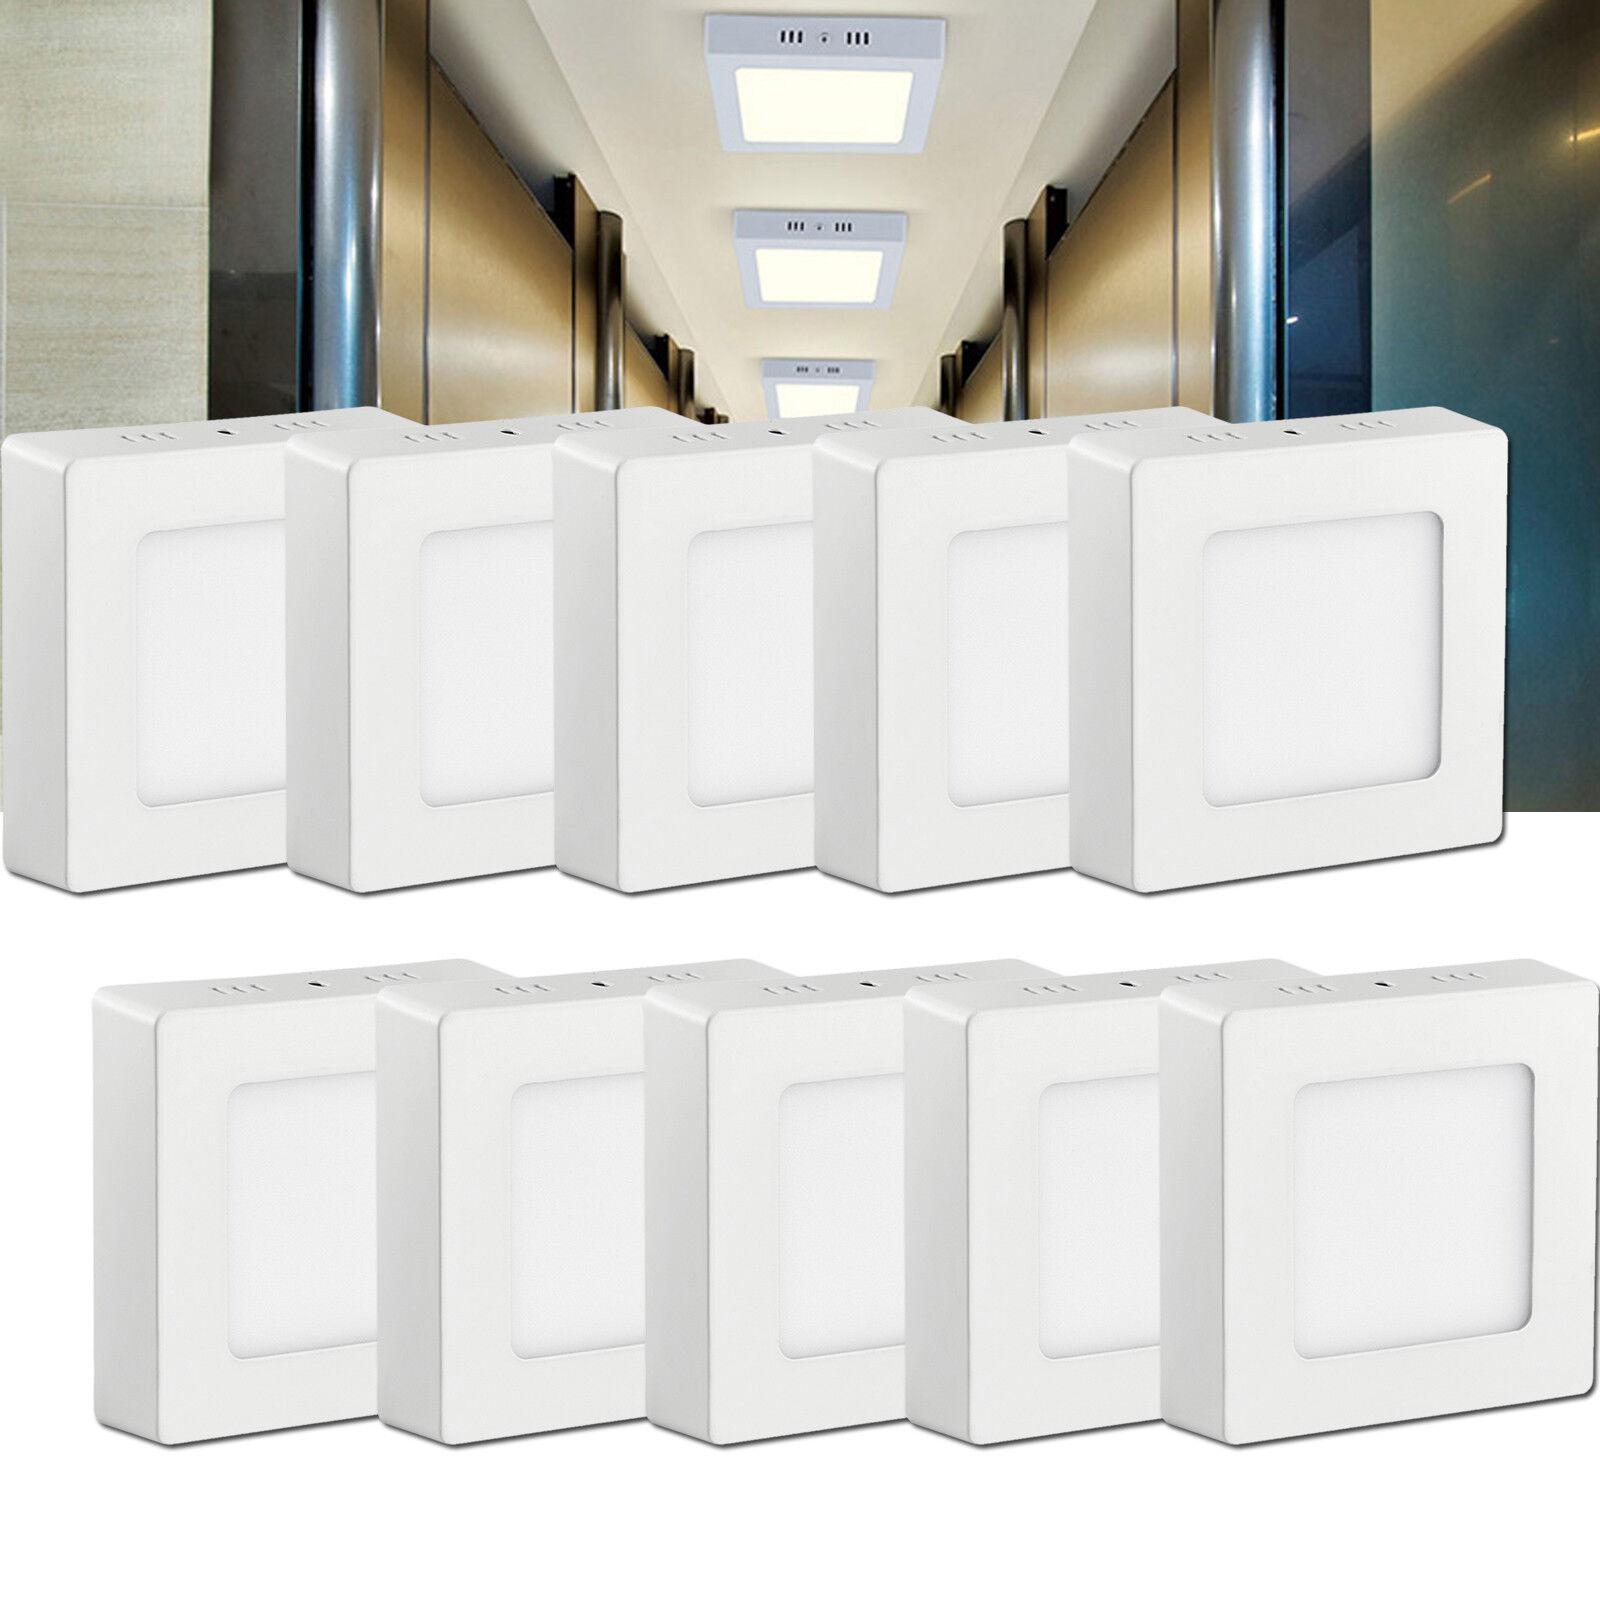 10x 6w panel LED lámpara lámpara aufputzlampe medidor lámpara de techo lámpara de parojo blancoo fria